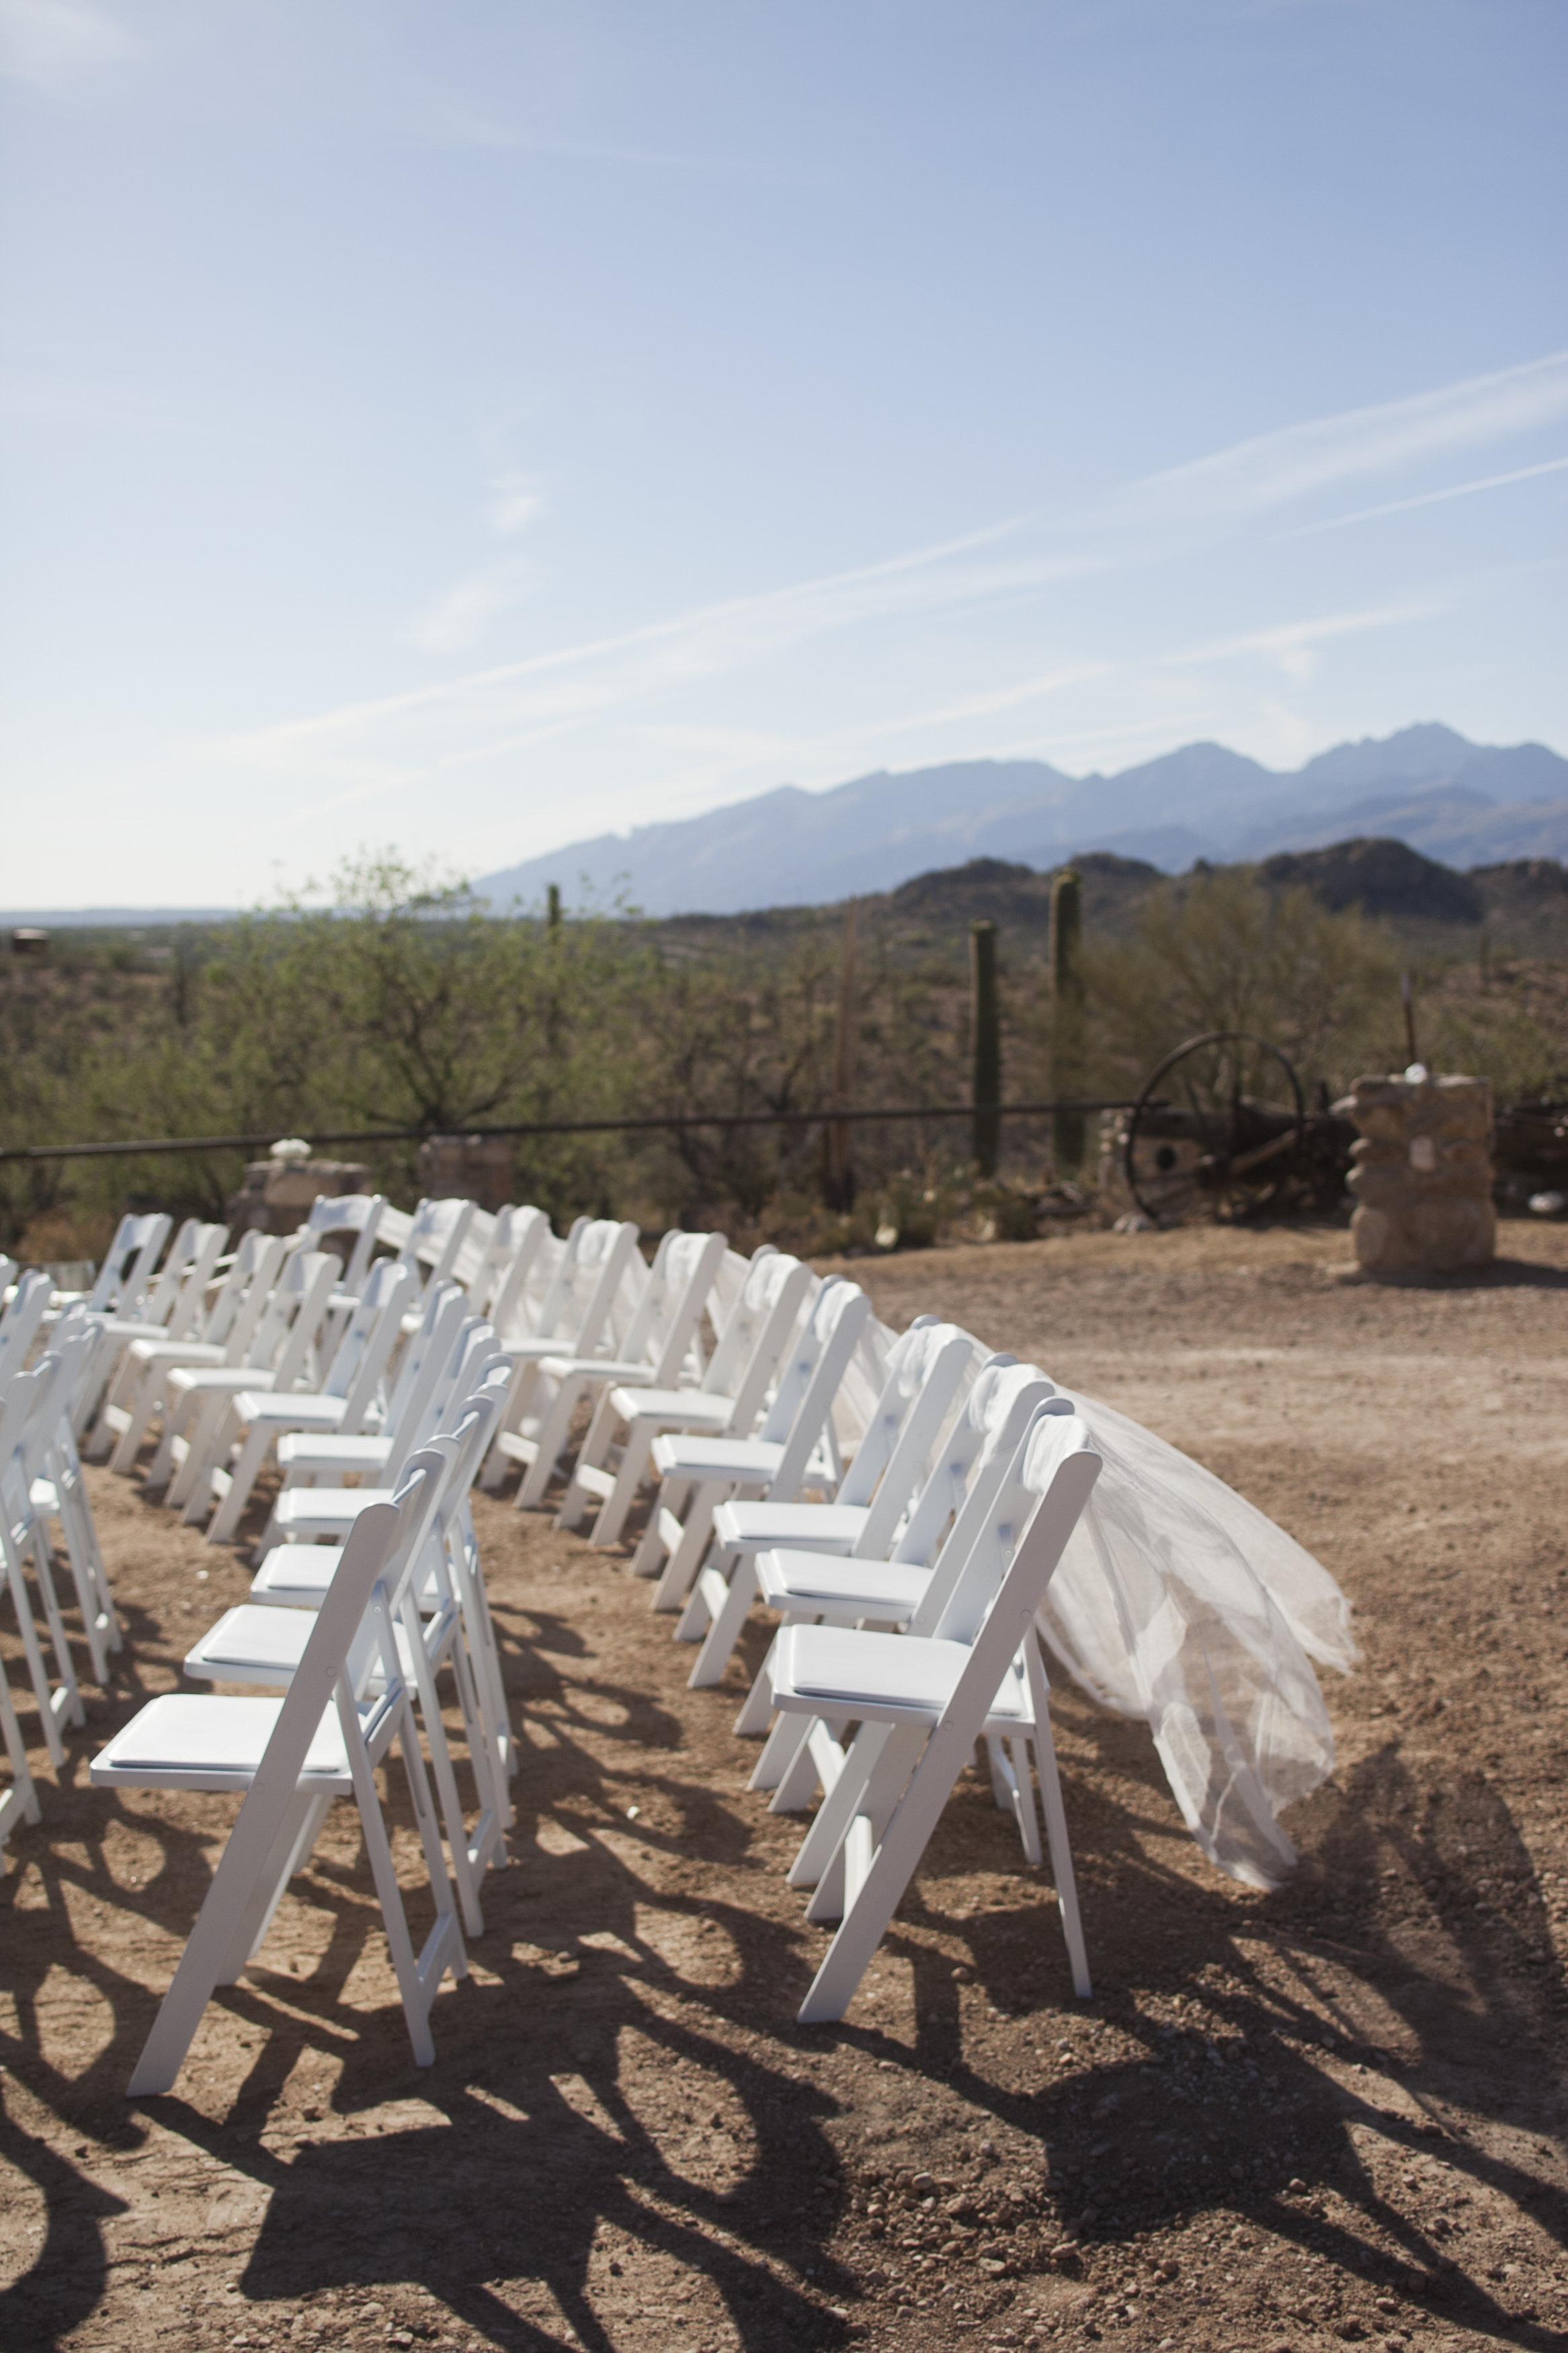 Ceci_New_York_Ceci_Style_Ceci_Johnson_Luxury_Lifestyle_Arizona_Wedding_Watercolor_Inspiration_Design_Custom_Couture_Personalized_Invitations_98.jpg